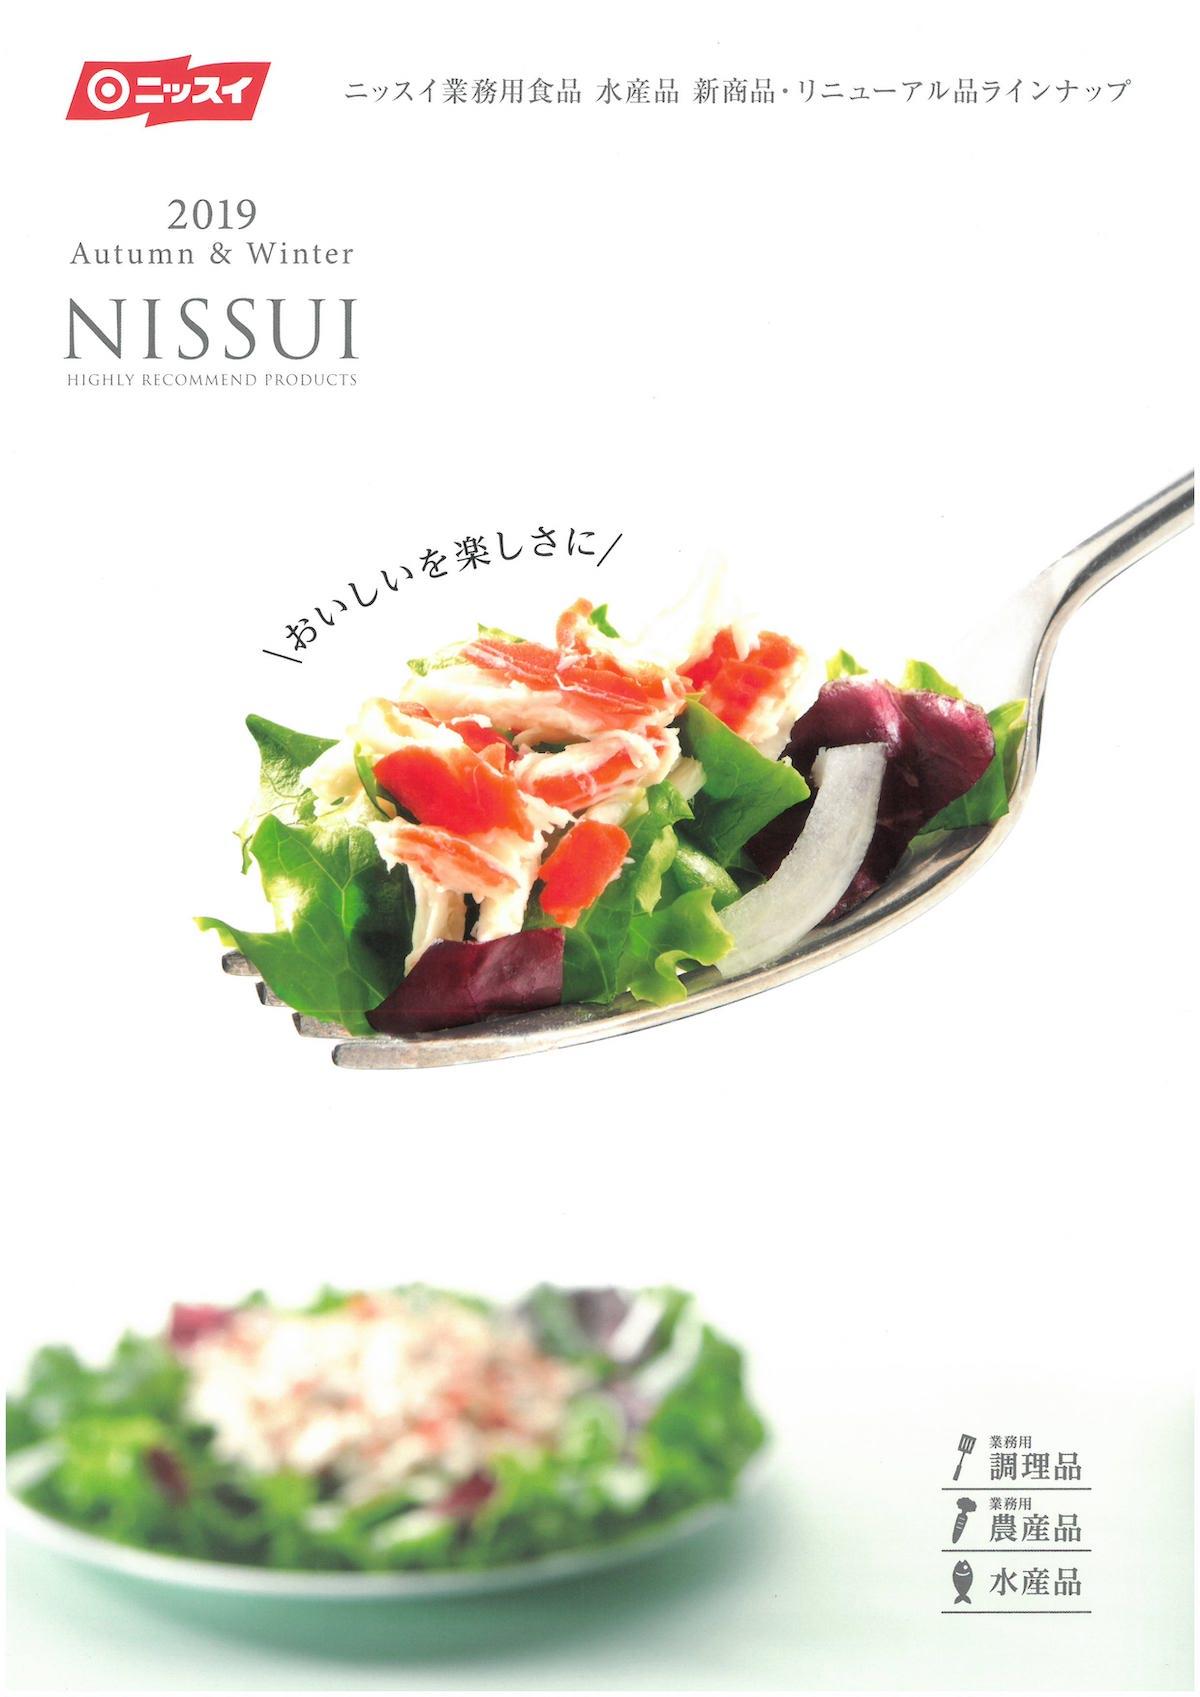 ニッスイ業務用食品 水産品 新商品 リニューアル品ラインナップ 日水